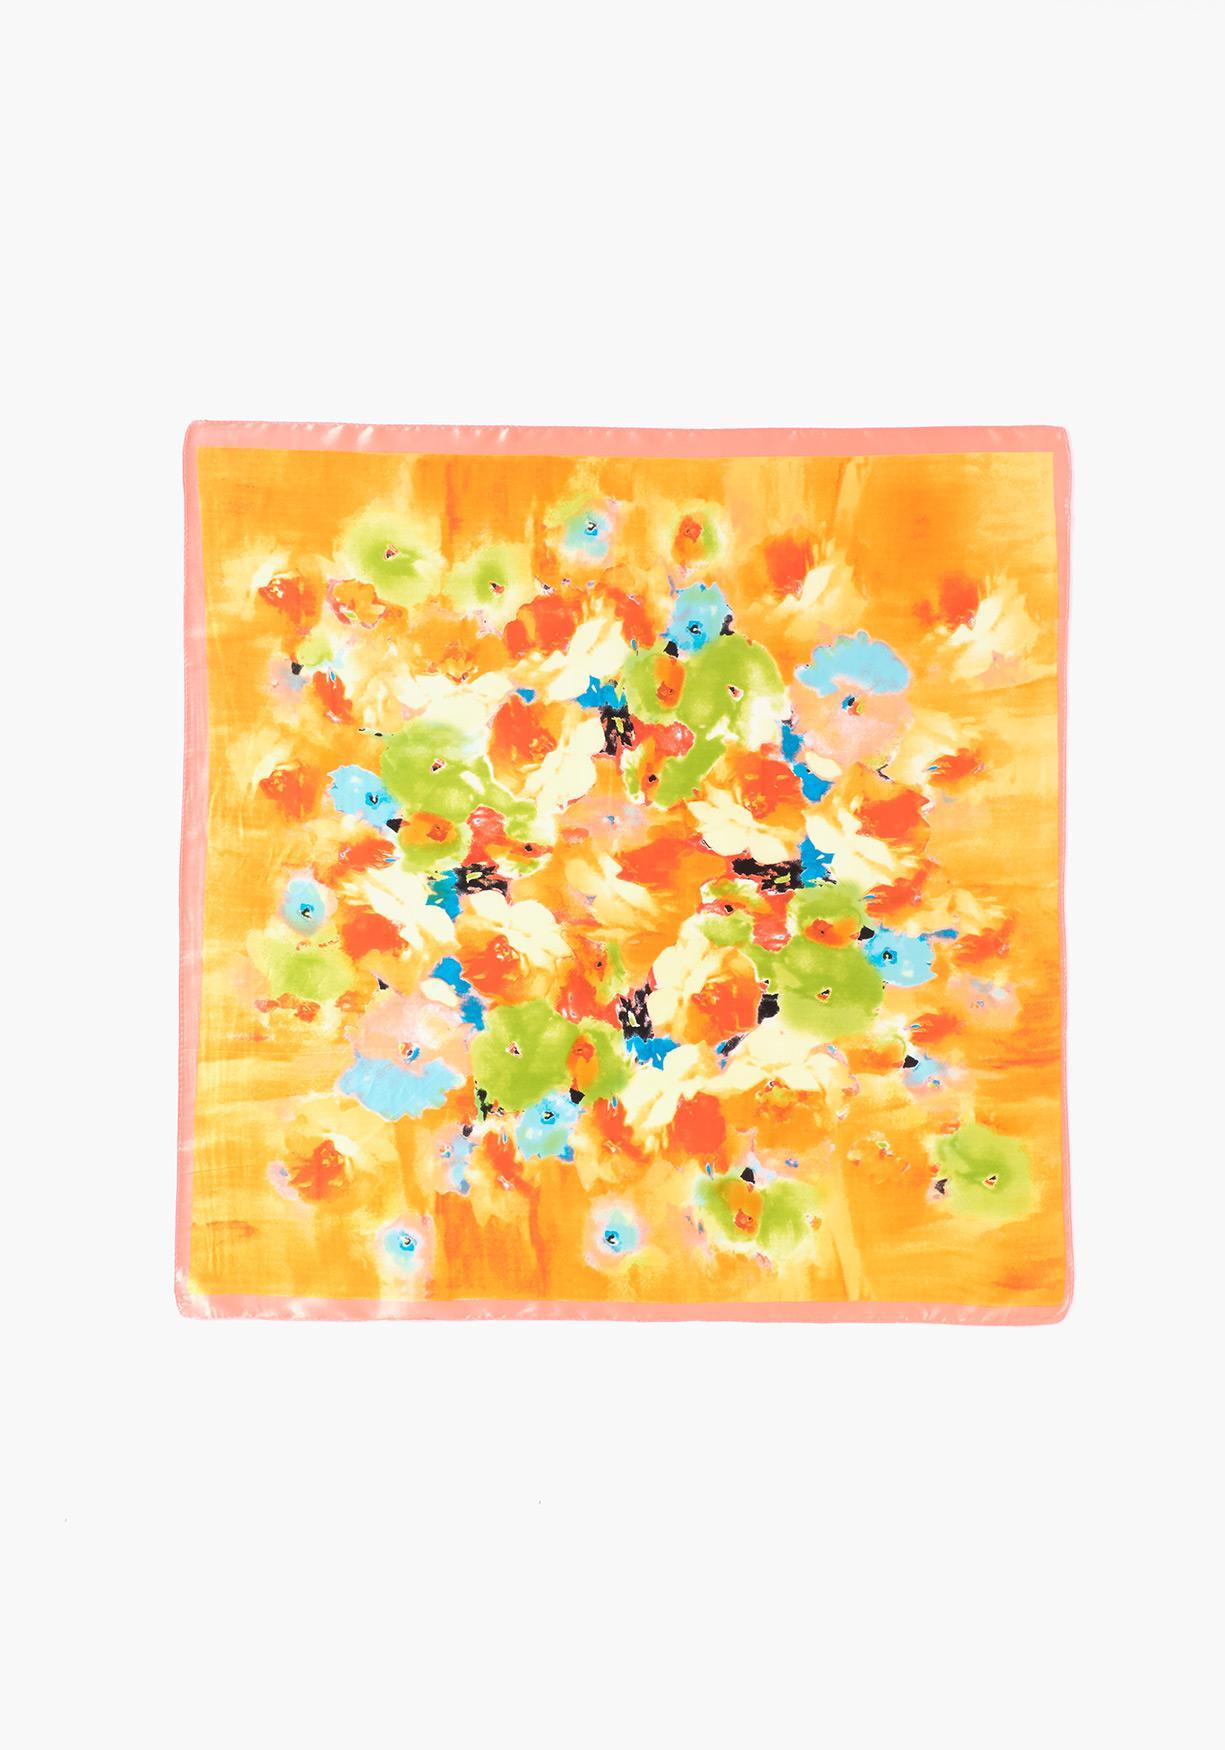 Comprar Pañuelo de mujer estampado tacto seda. ¡Aprovéchate de ... b5315f5ec24